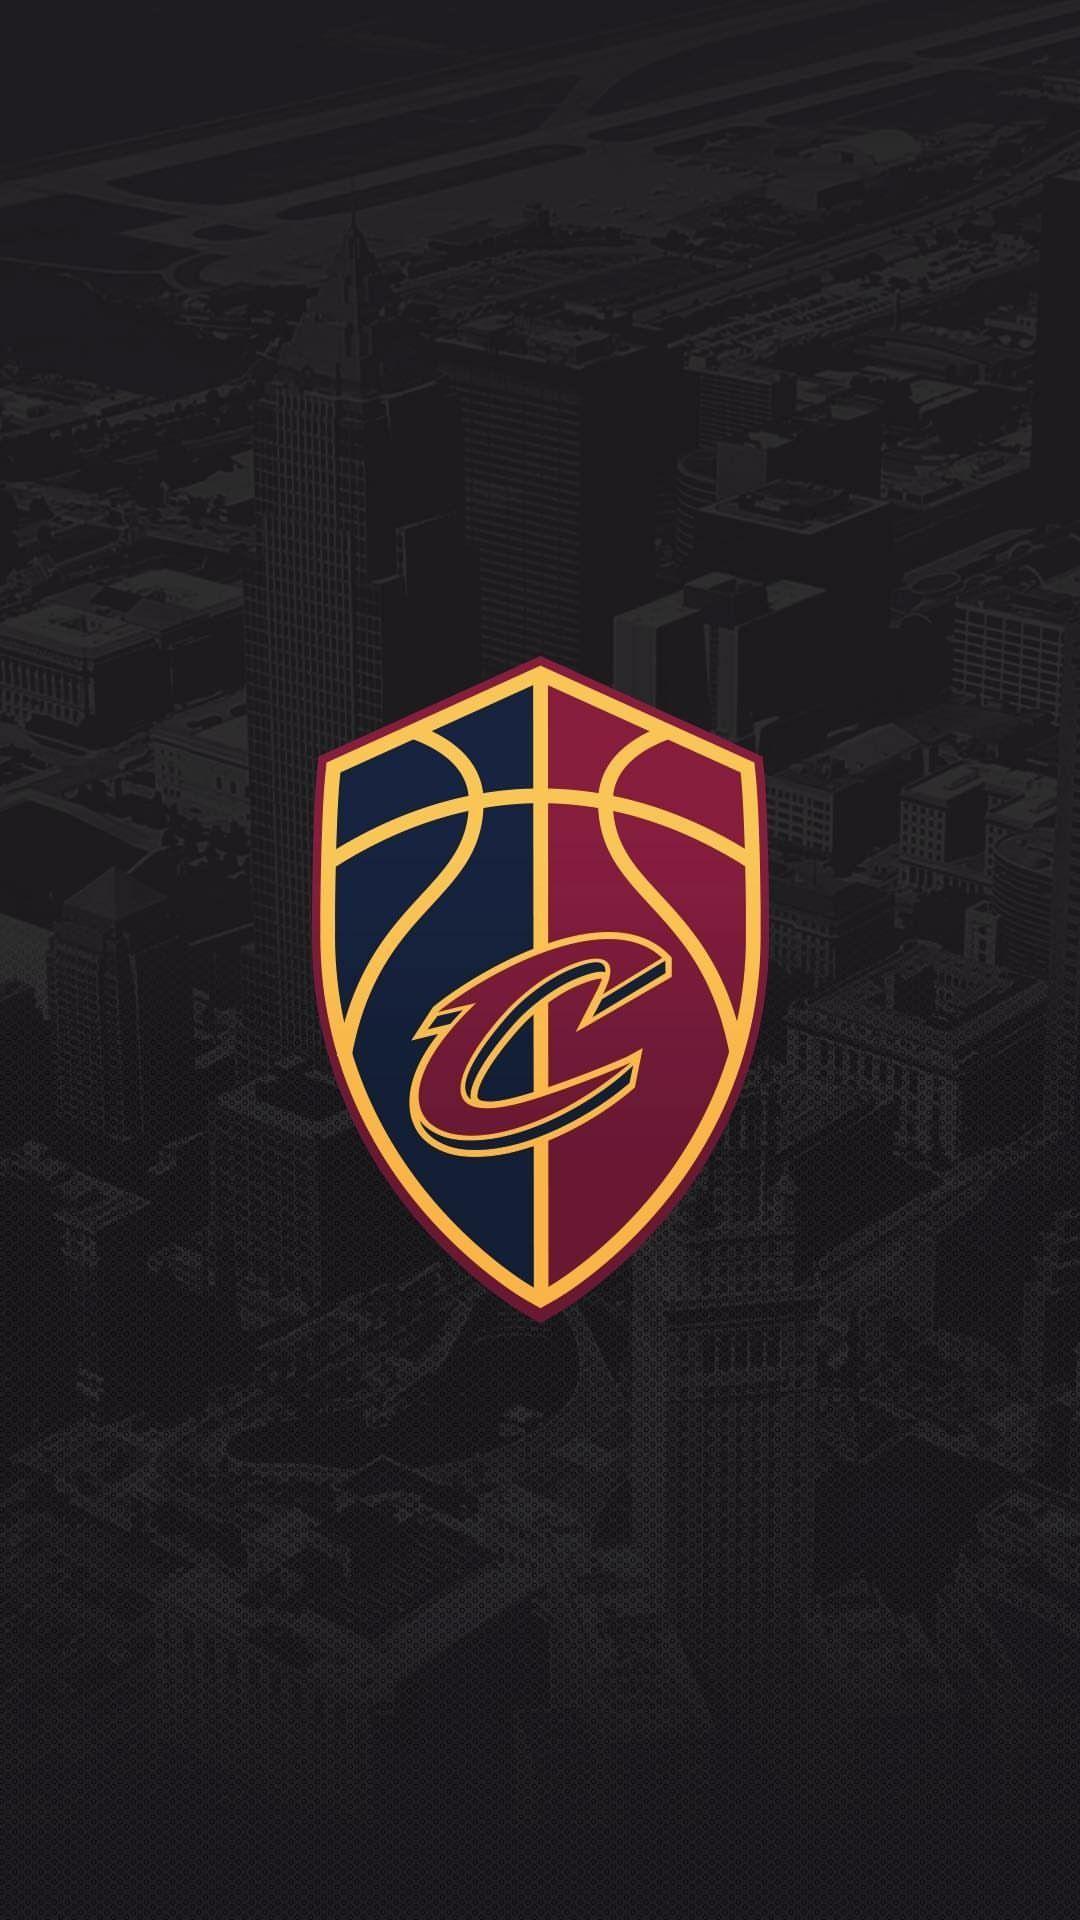 Cleveland Cavaliers Wallpaper Papel De Parede De Fundo Papeis De Parede Papel De Parede Celular